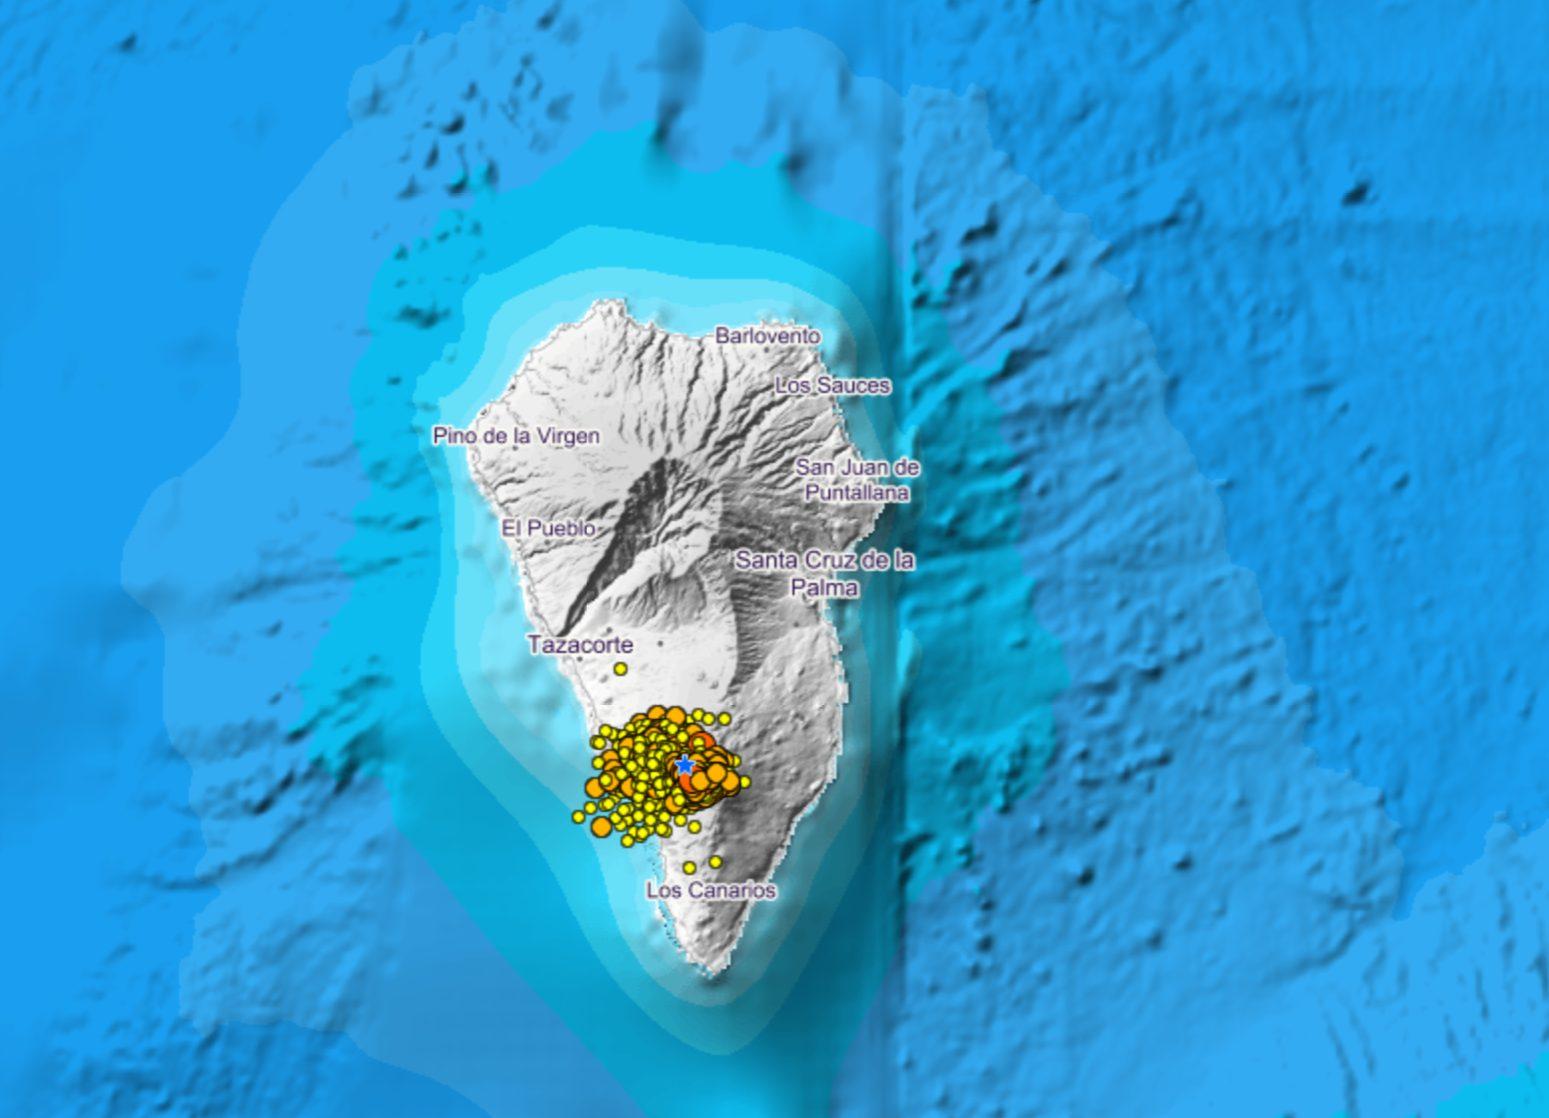 El semáforo del PEVOLCA se mantiene en amarillo para la zona de Cumbre Vieja, en La Palma